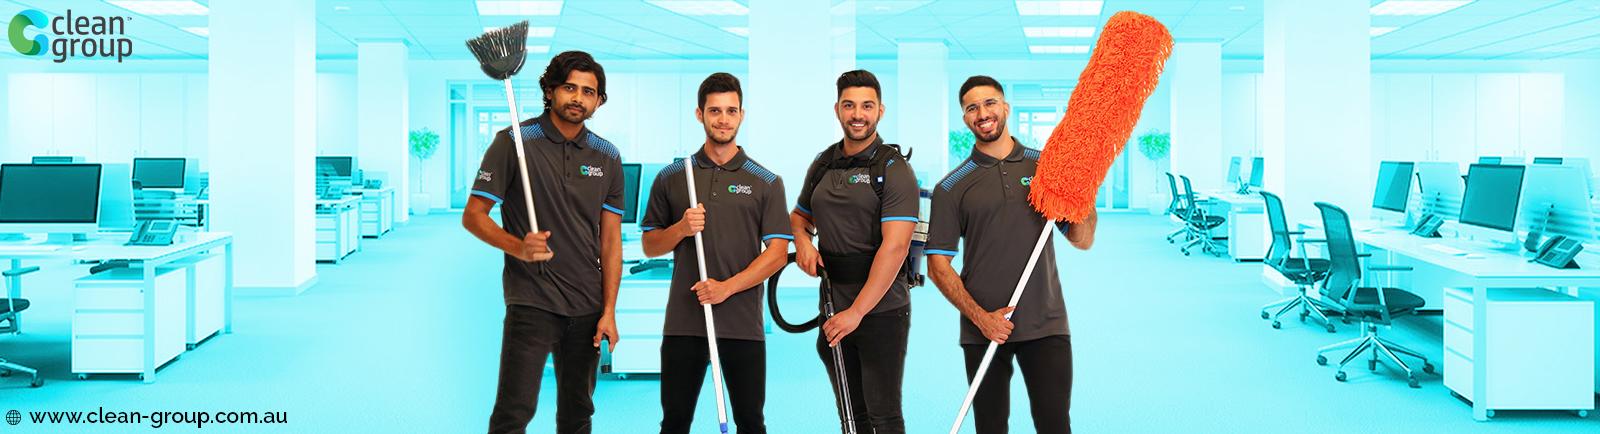 Clean Group Team